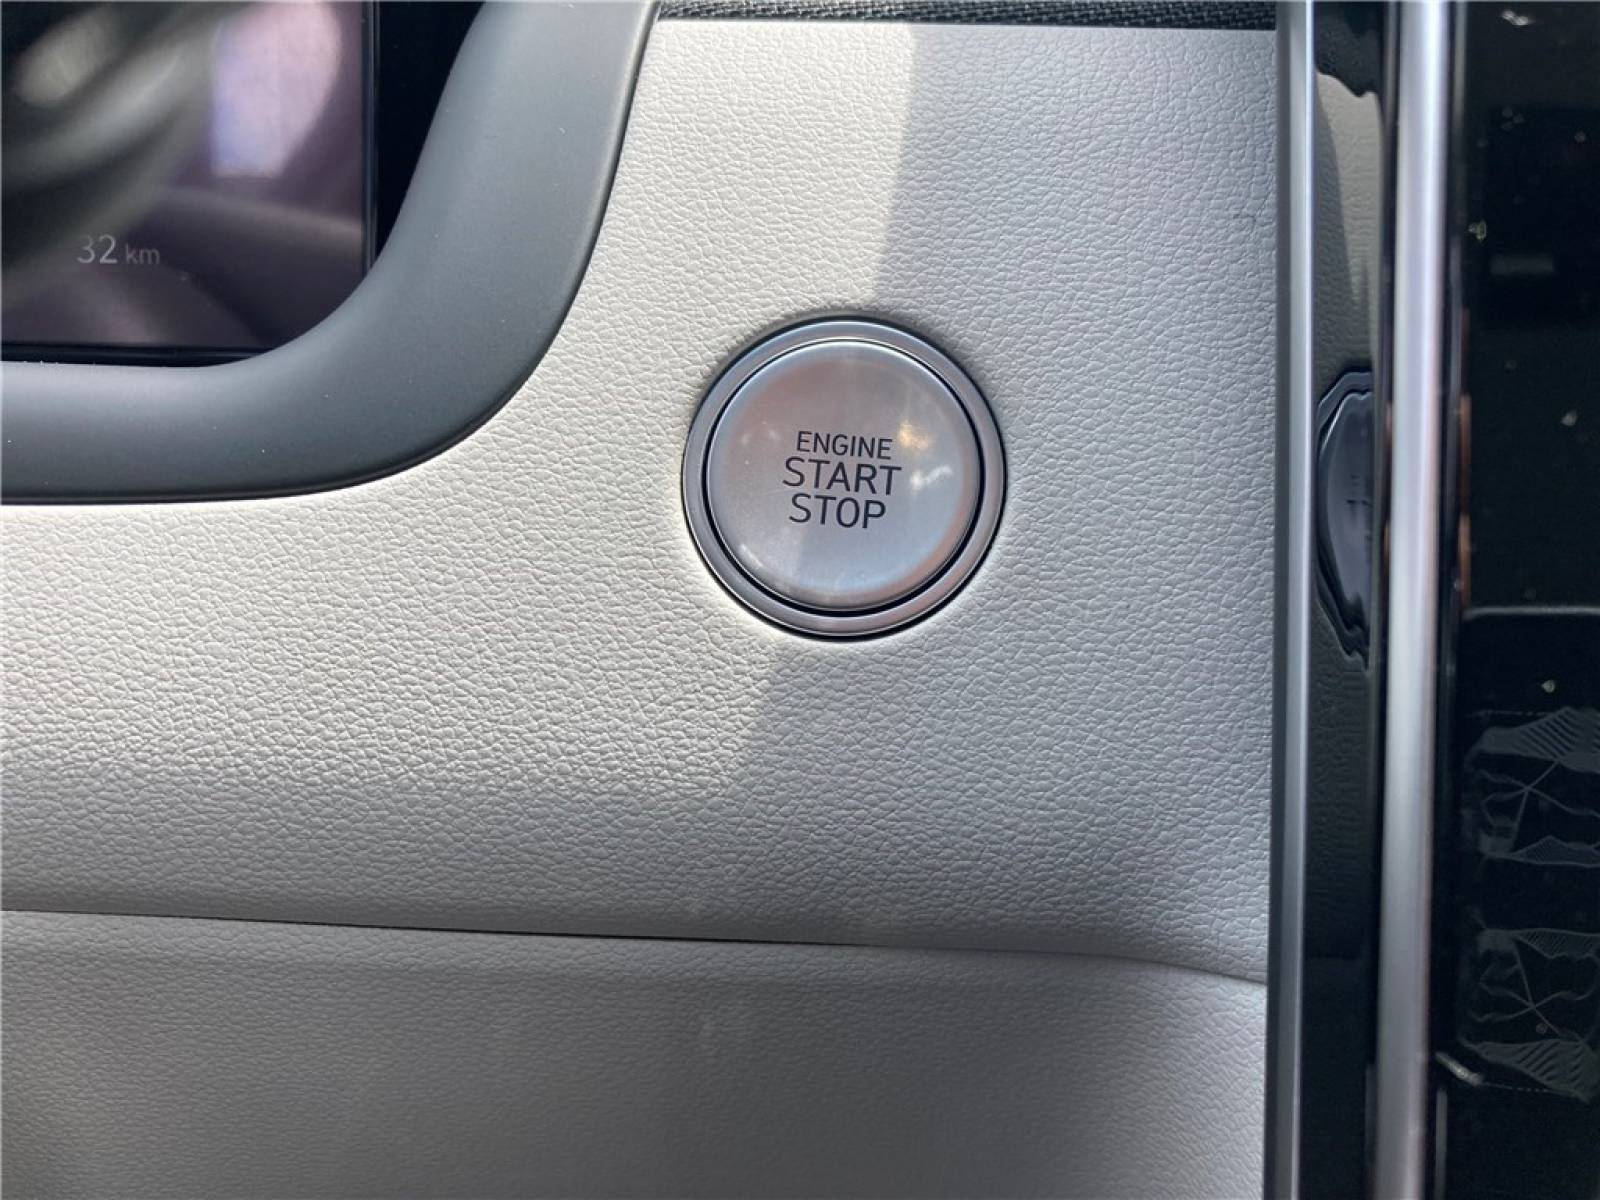 HYUNDAI Tucson 1.6 T-GDI 265 HTRAC Plug-in BVA6 - véhicule d'occasion - Groupe Guillet - Hyundai - Zenith Motors – Montceau-les-Mines - 71300 - Montceau-les-Mines - 40